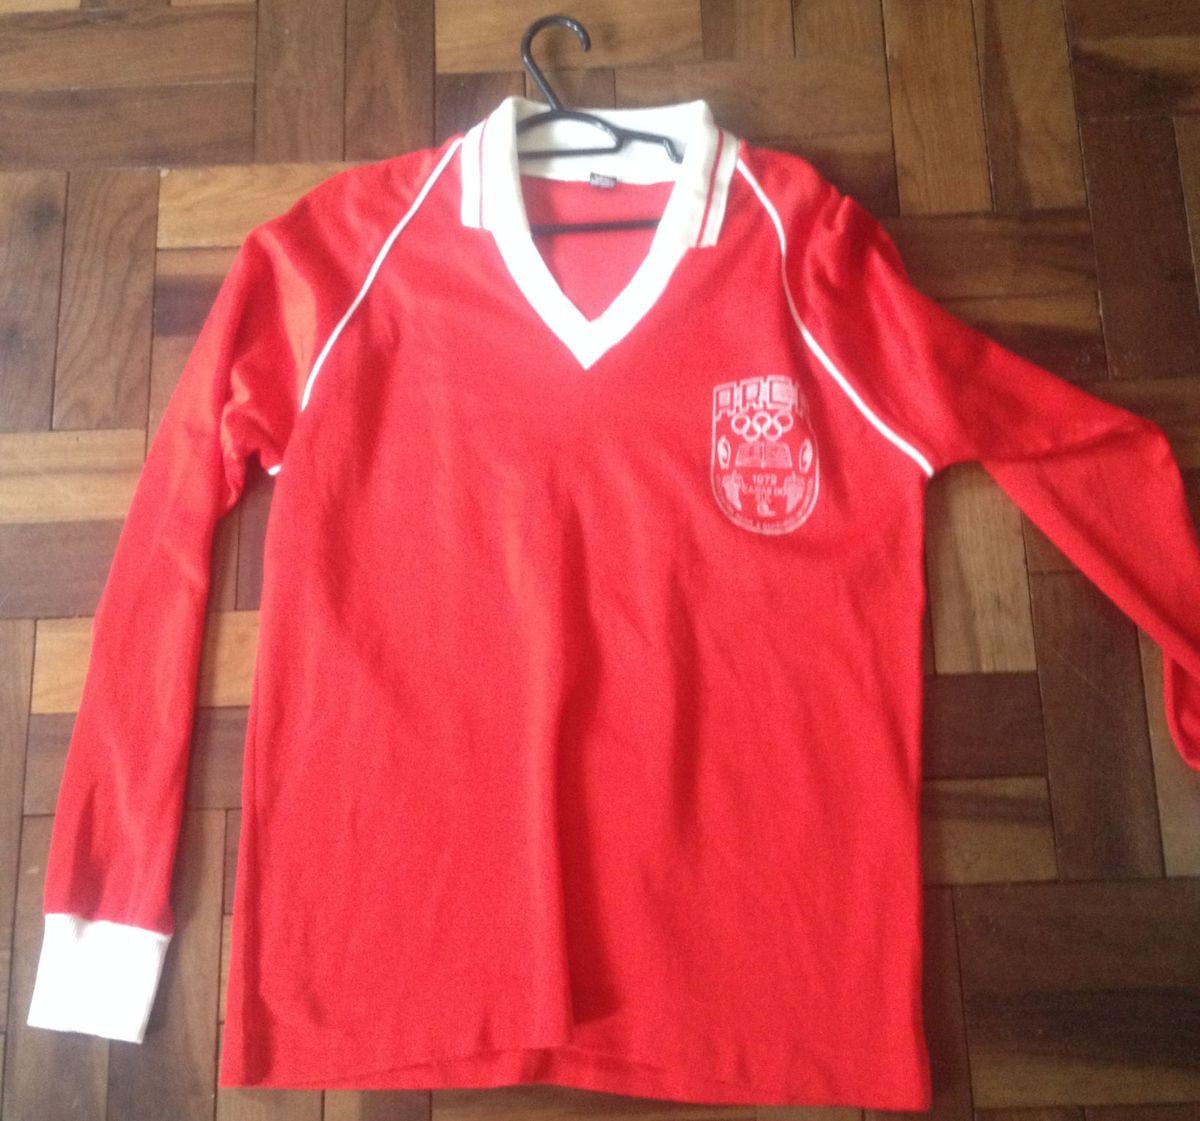 731a187e3e4c4 camisa de futebol vintage - arca 72 caxias do sul - camisetas sem marca